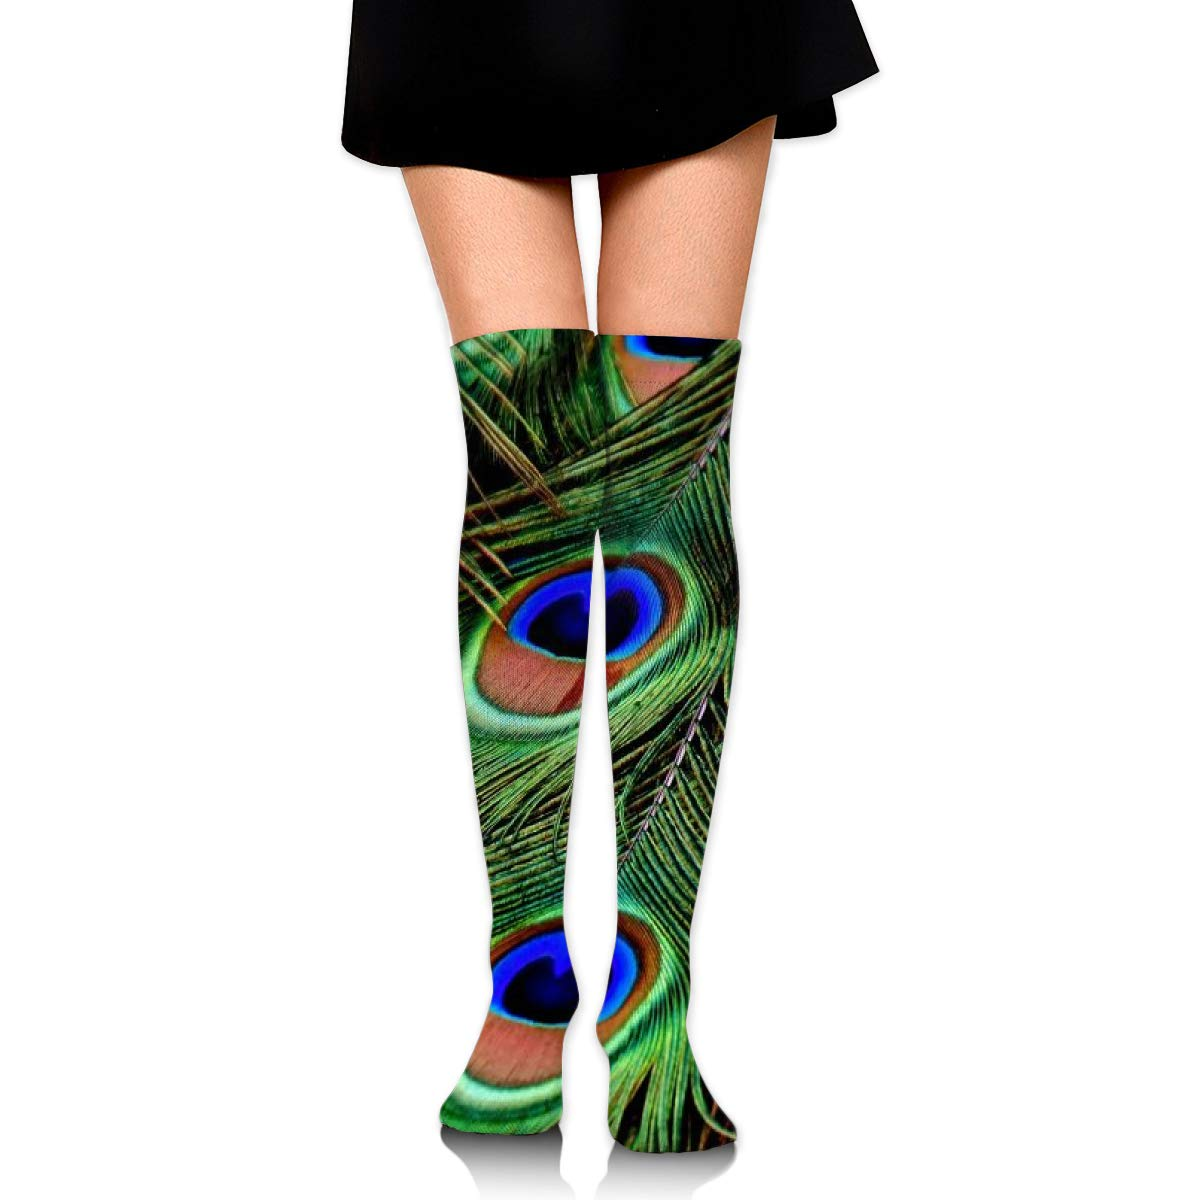 Kjaoi Girl Skirt Socks Uniform Peacock Feather Eyes Women Tube Socks Compression Socks